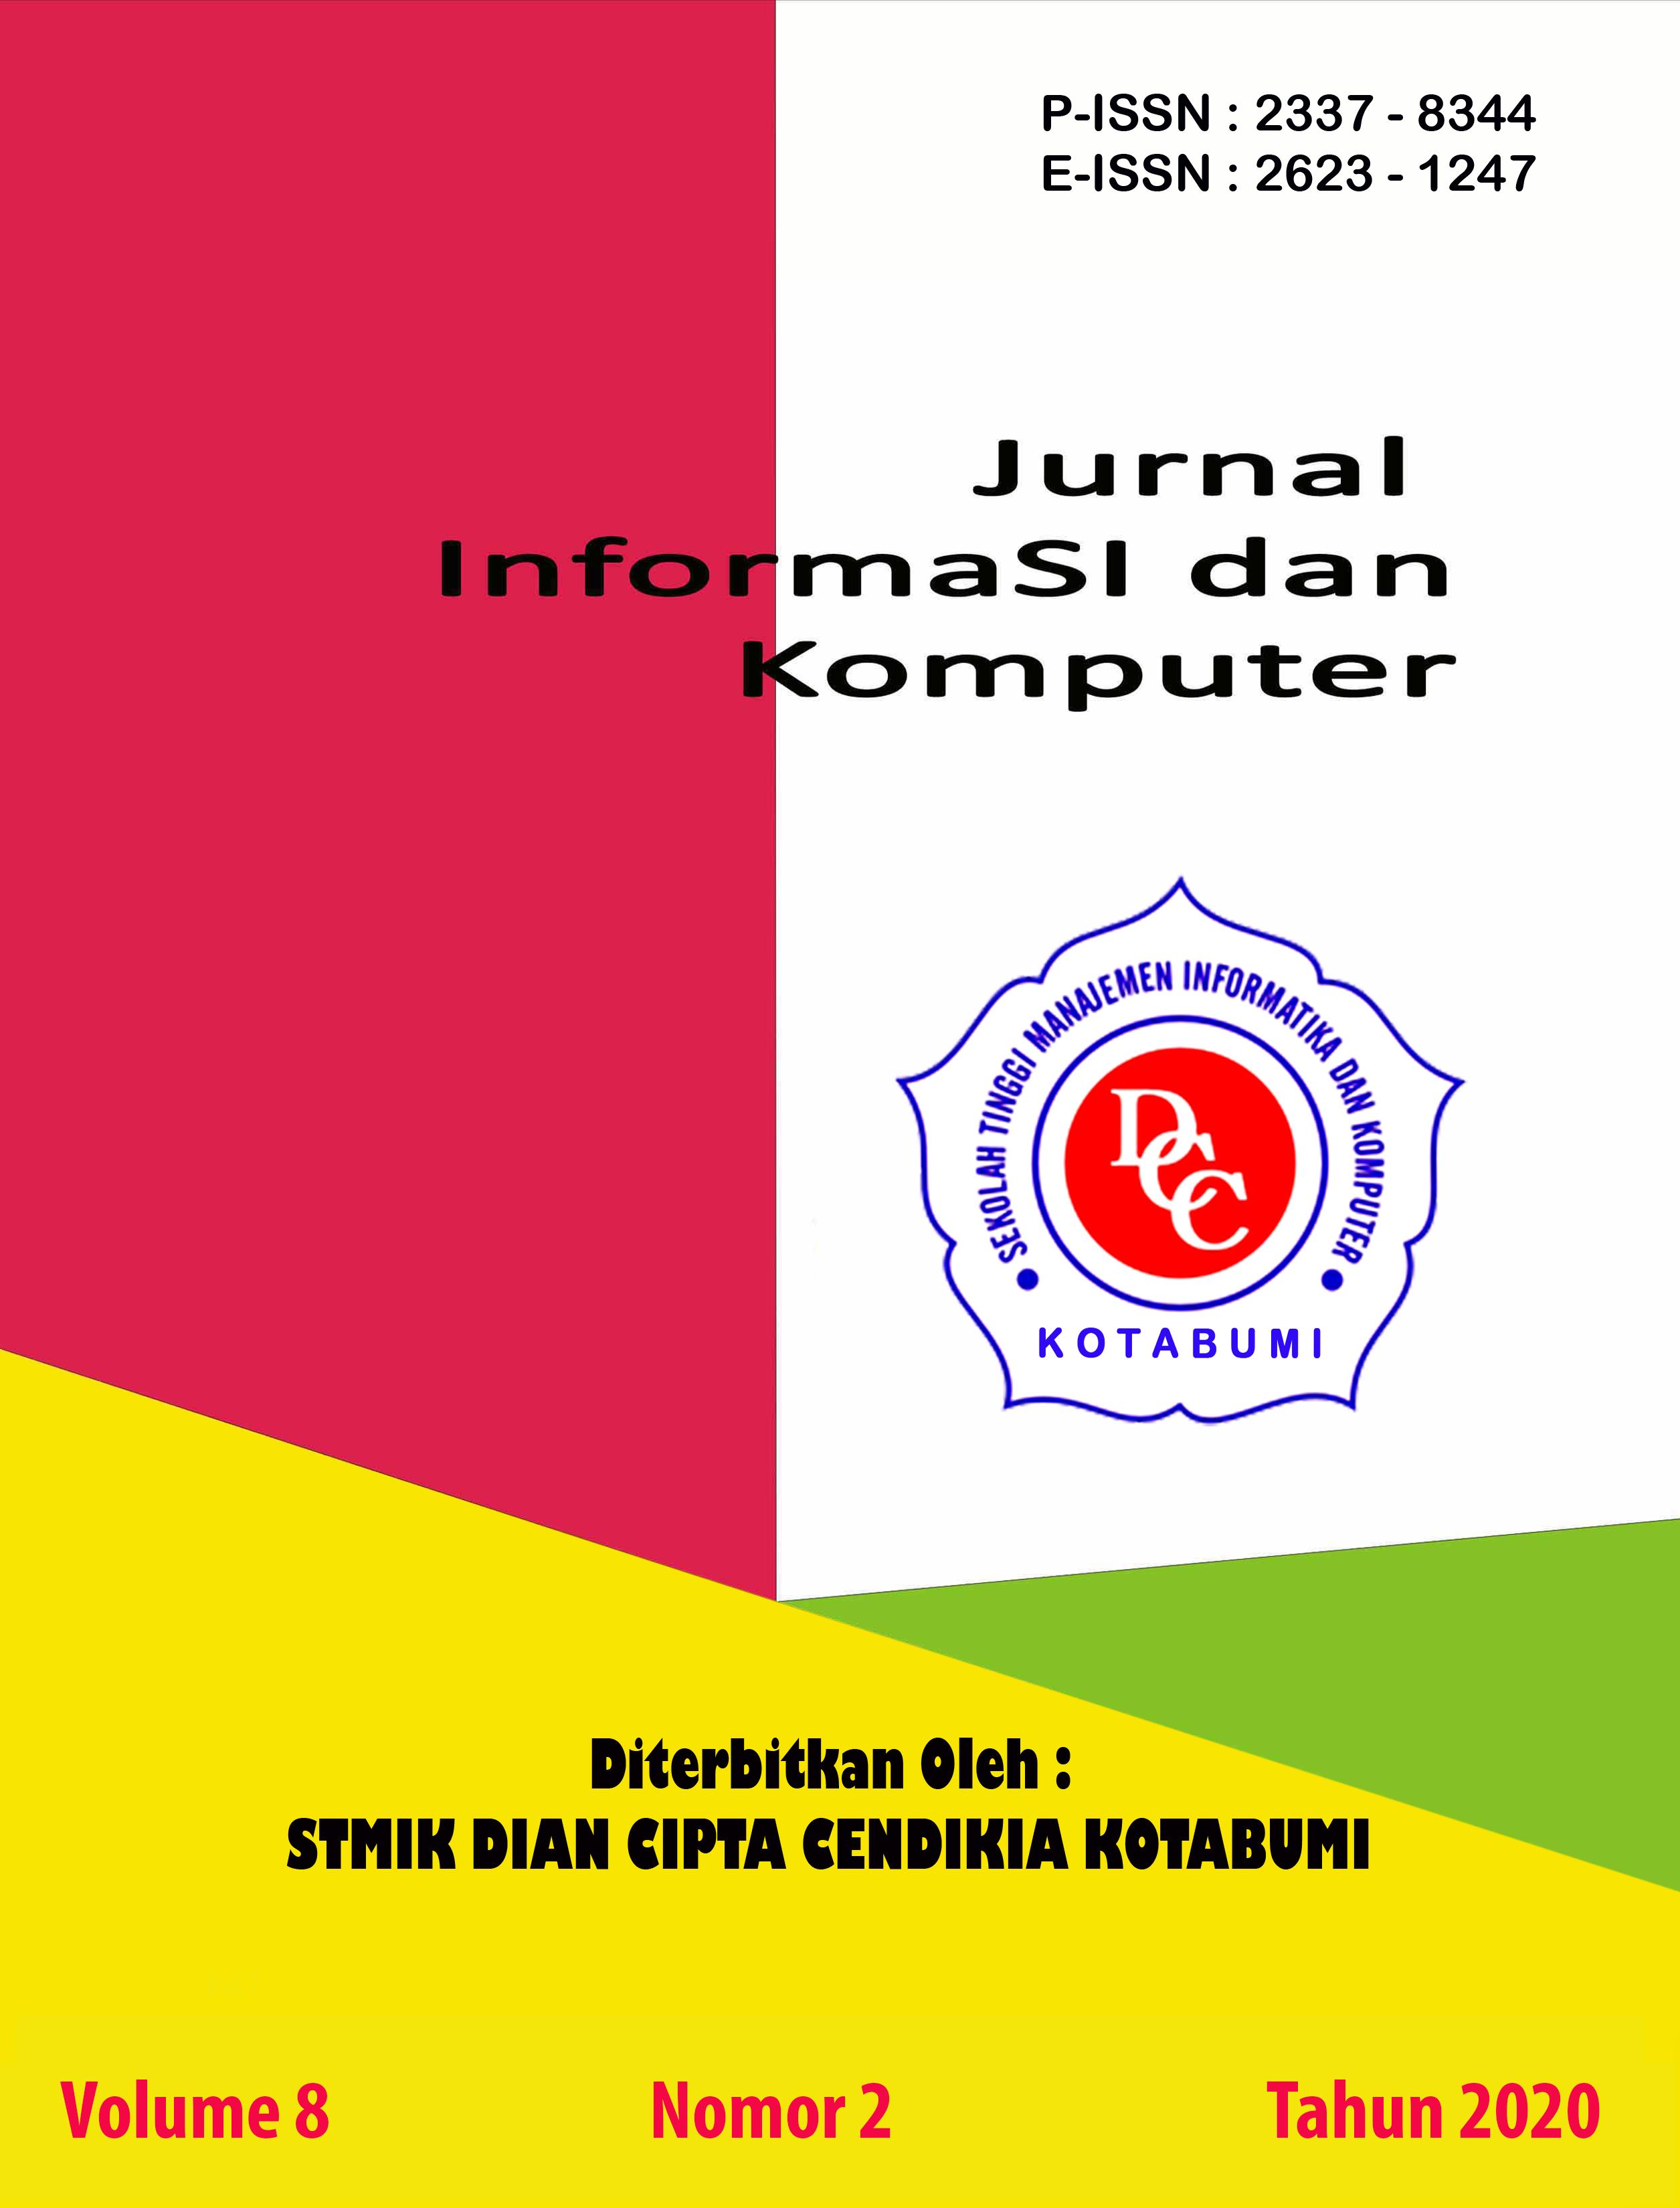 Jurnal Sistem Informasi dan Komputer yang terbit pada tahun 2020 pada bulan 10